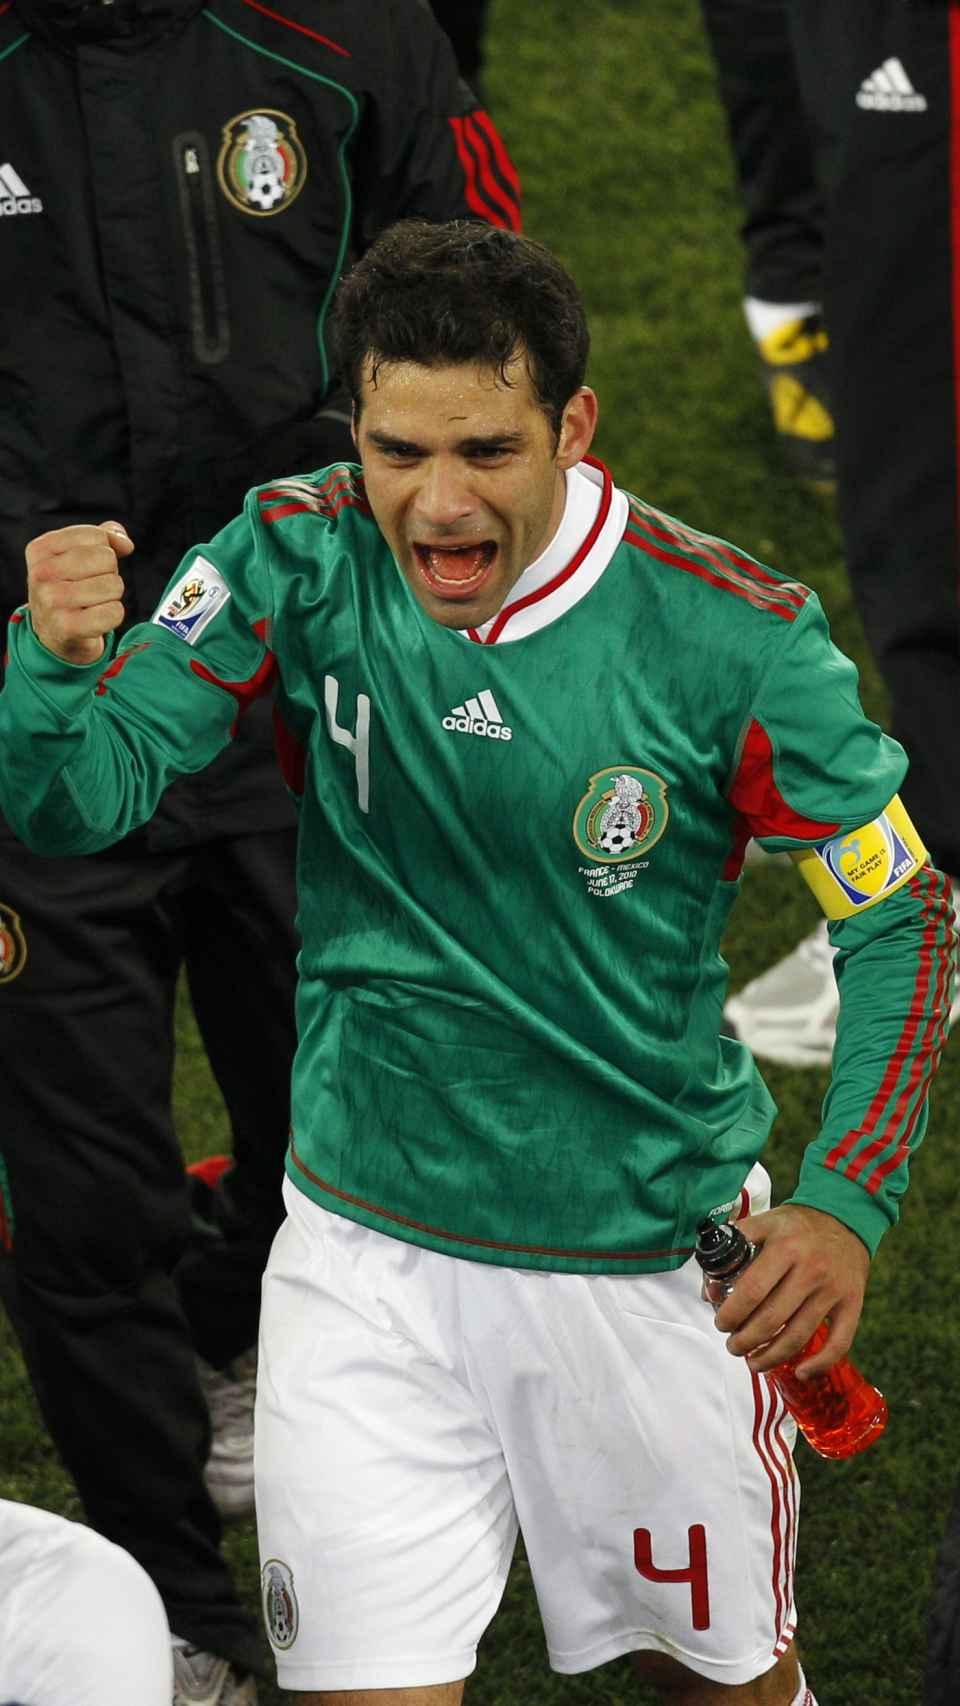 El futbolista en una imagen de archivo.